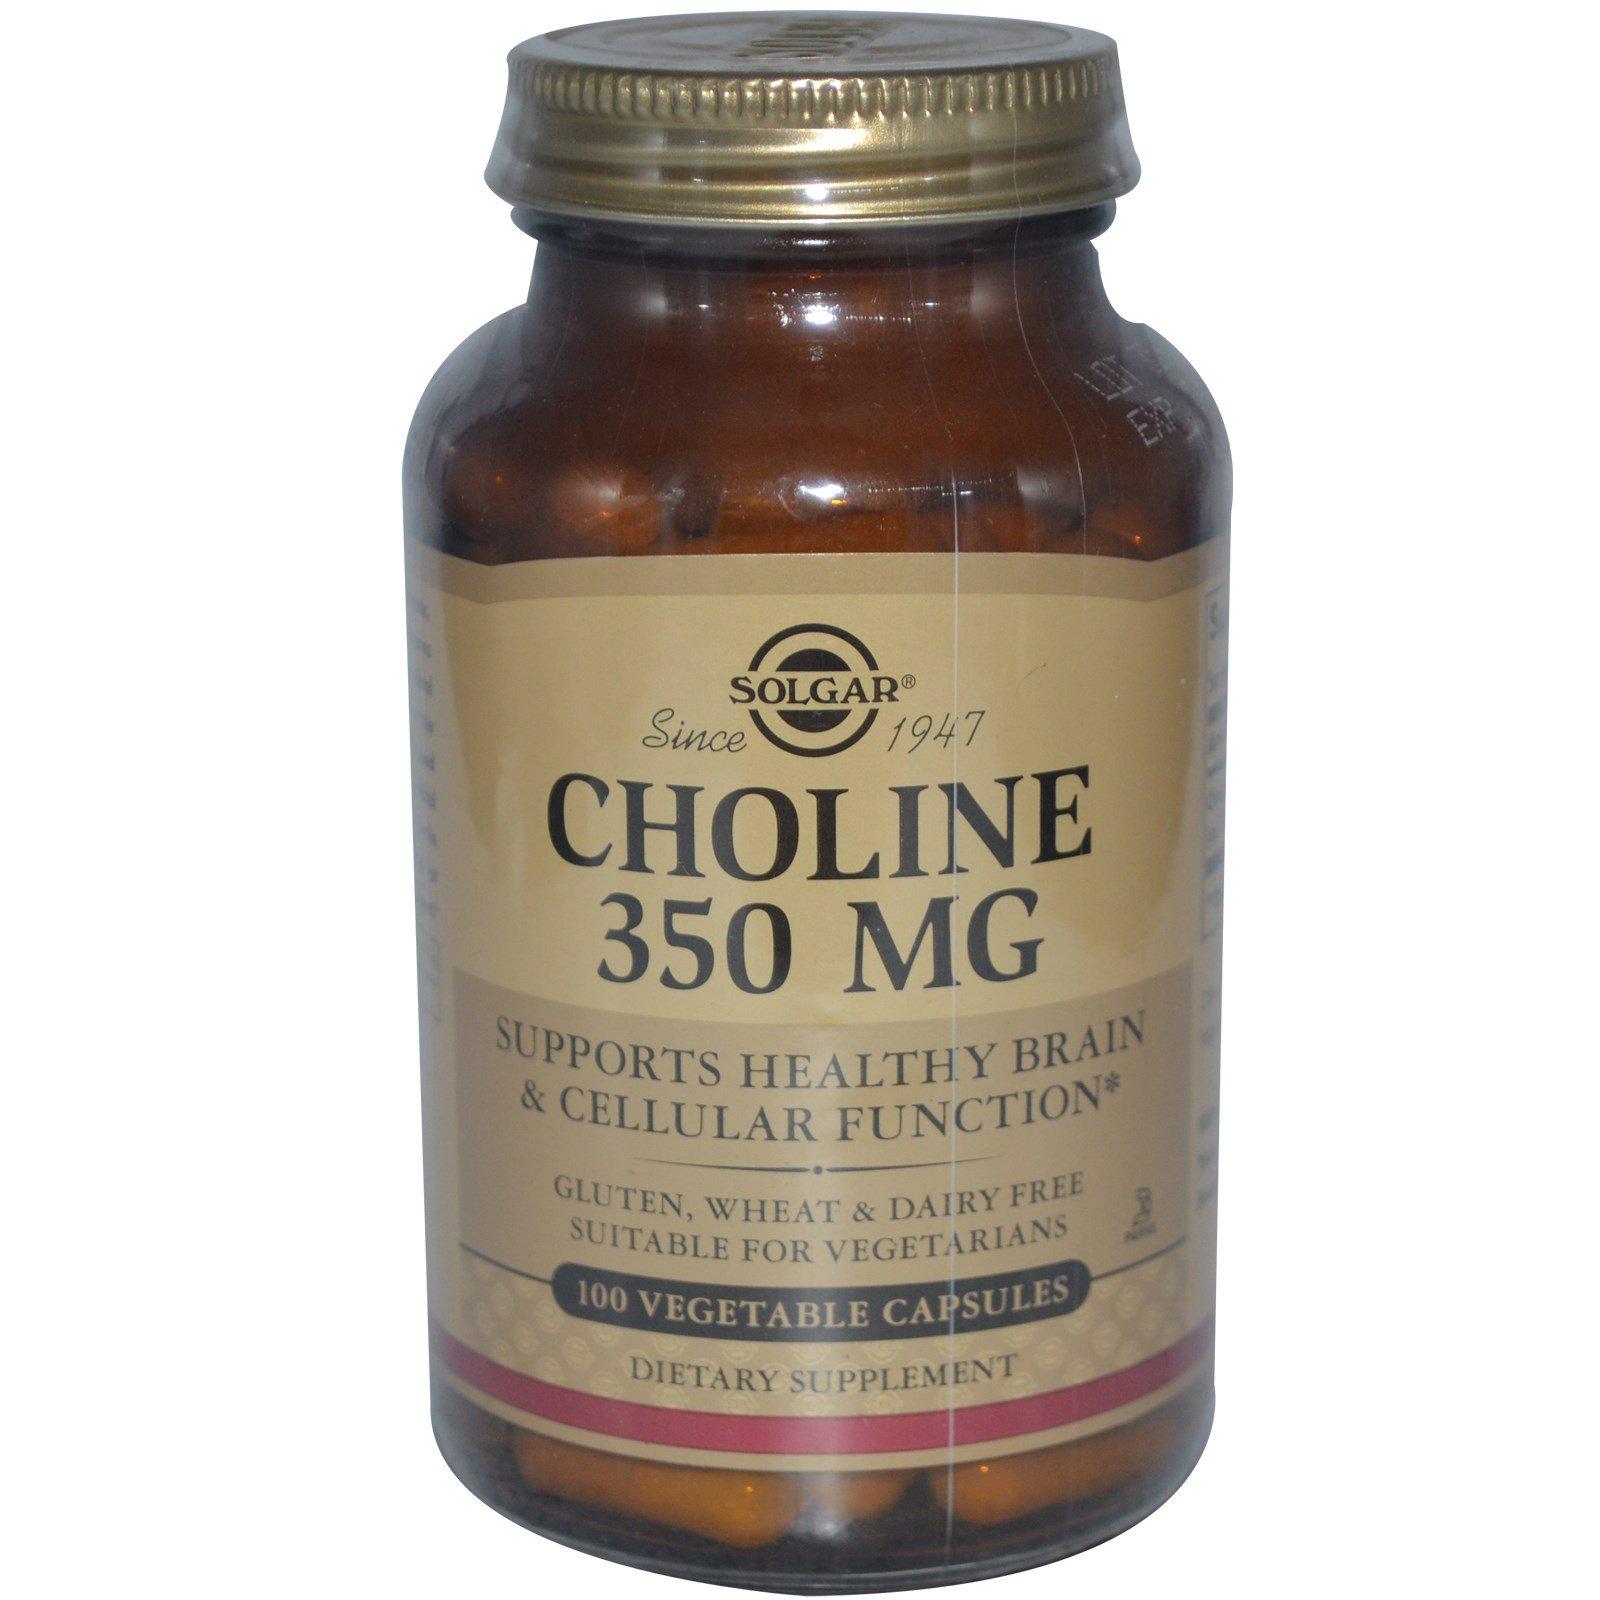 Solgar, Холин, 350 мг, 100 капсул на растительной основе